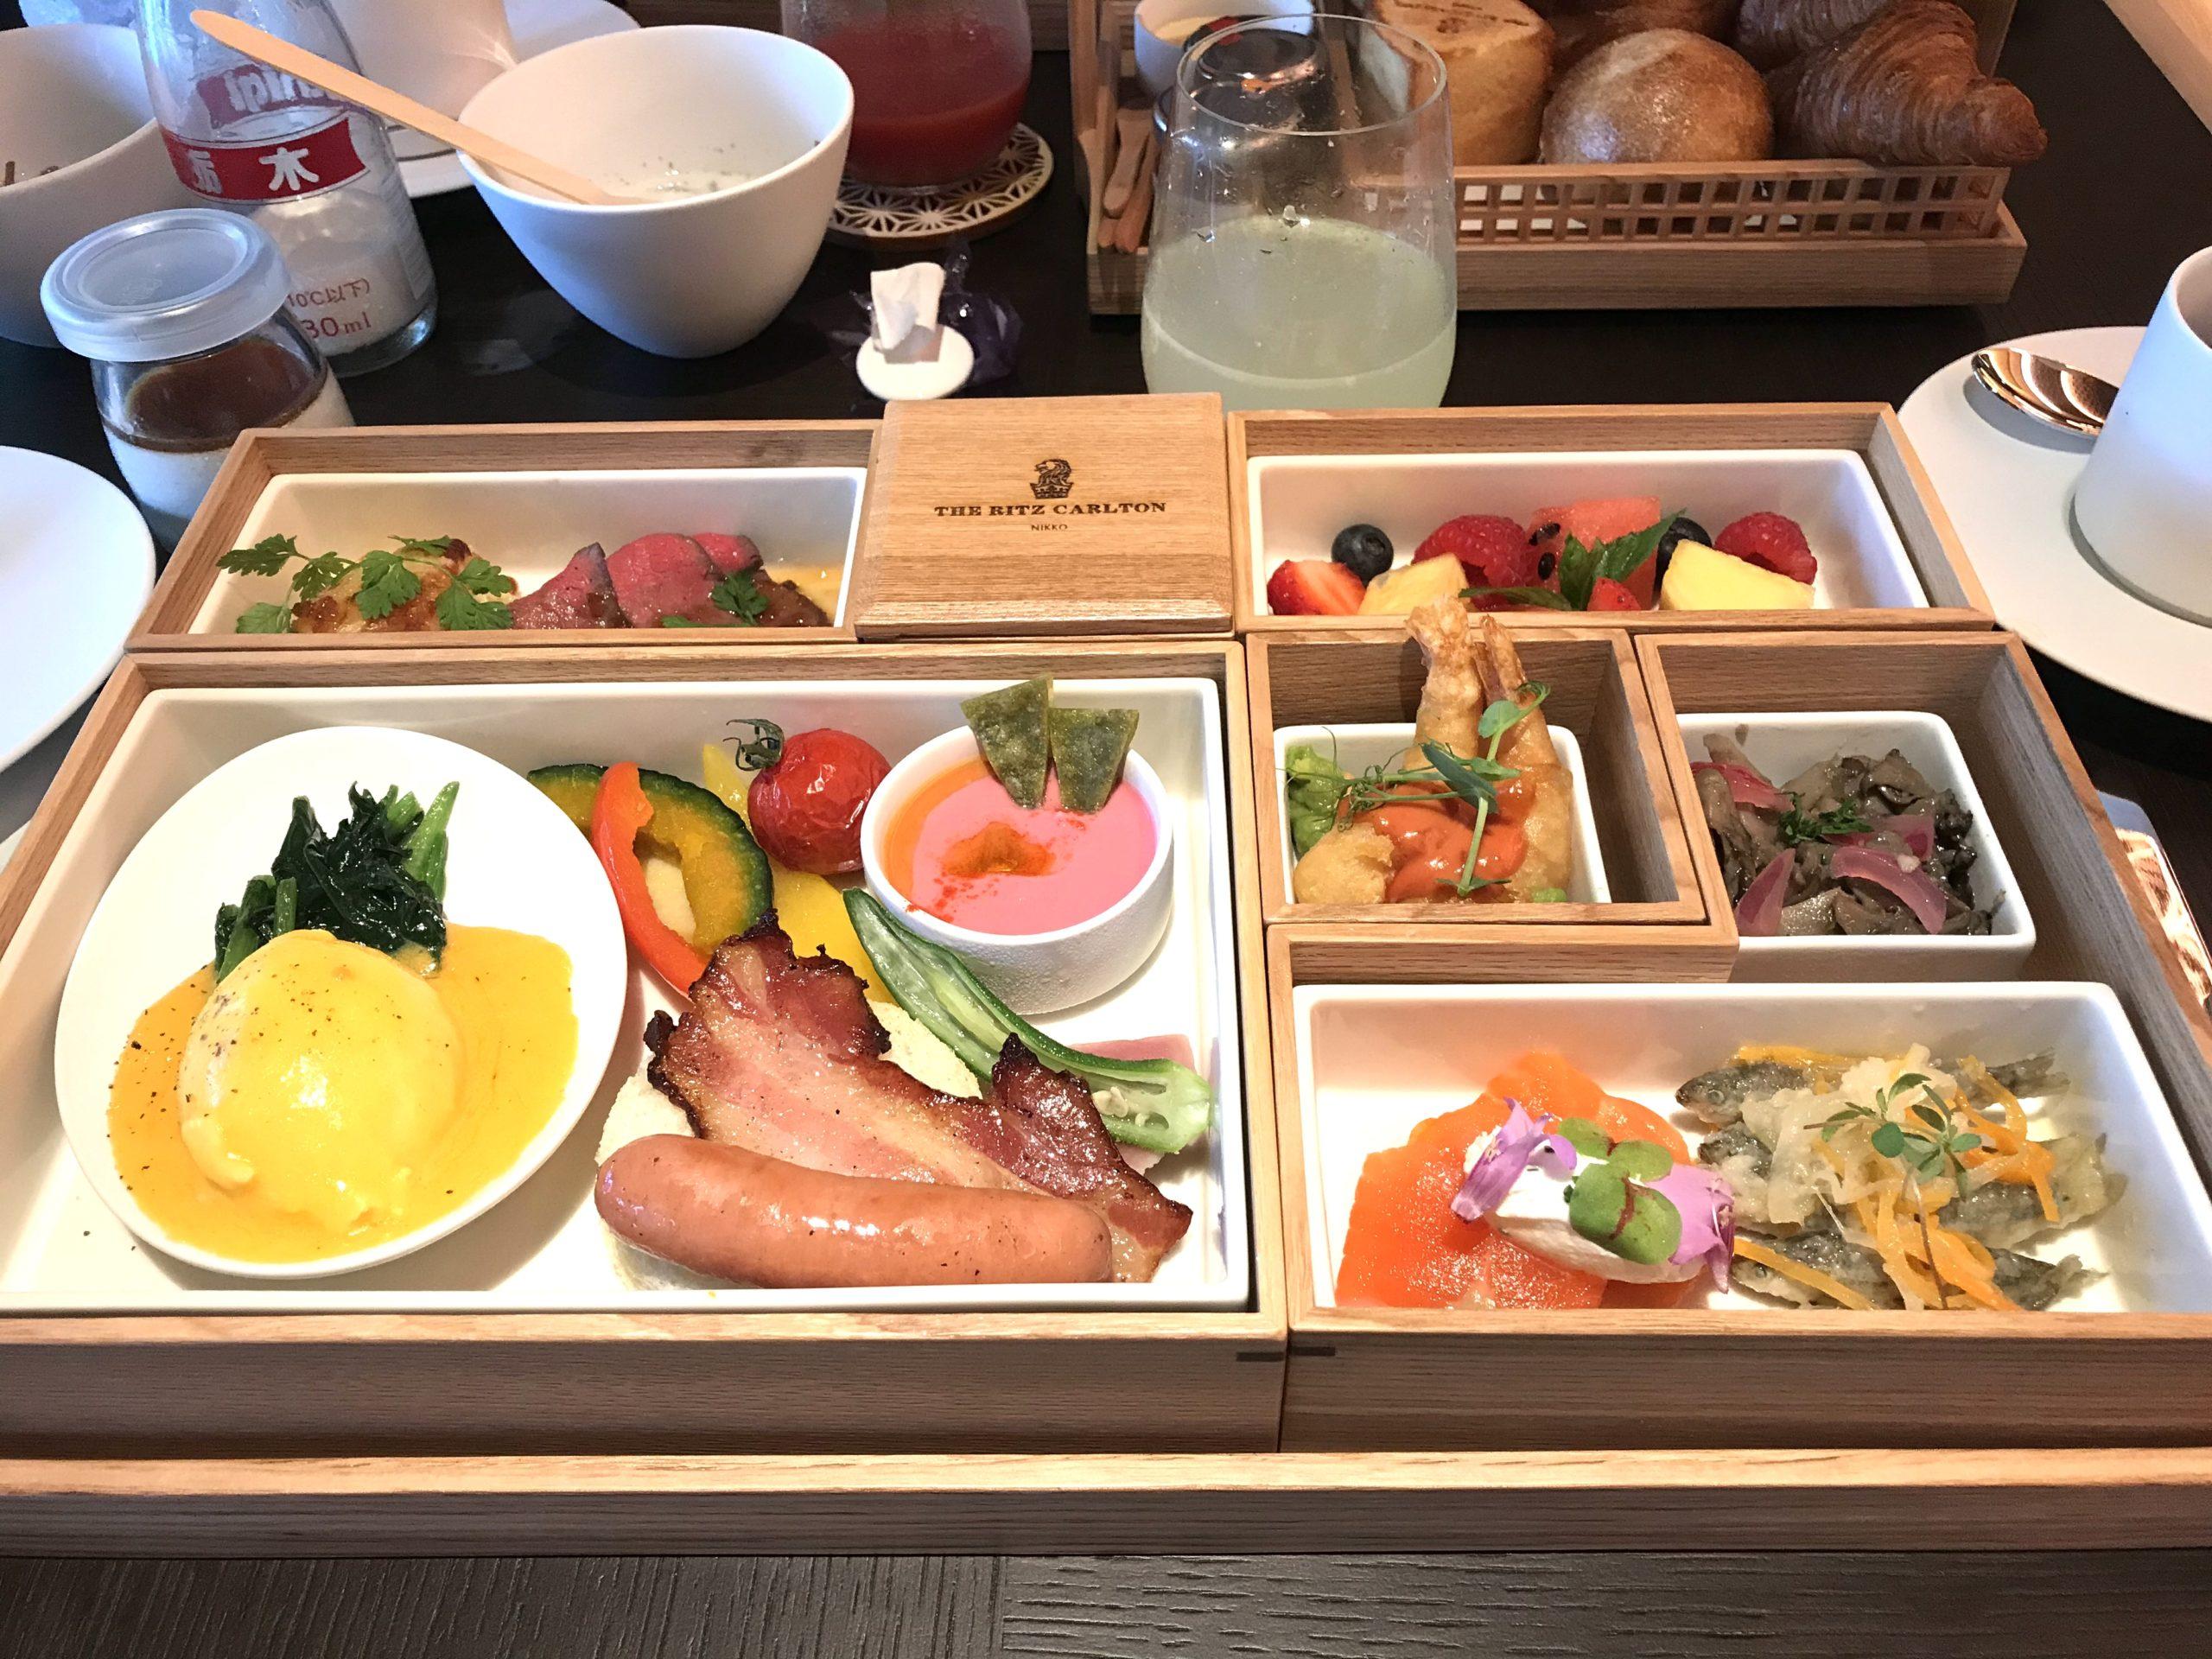 ザ・リッツ・カールトン日光朝食の写真目でも楽しませてくれる朝食